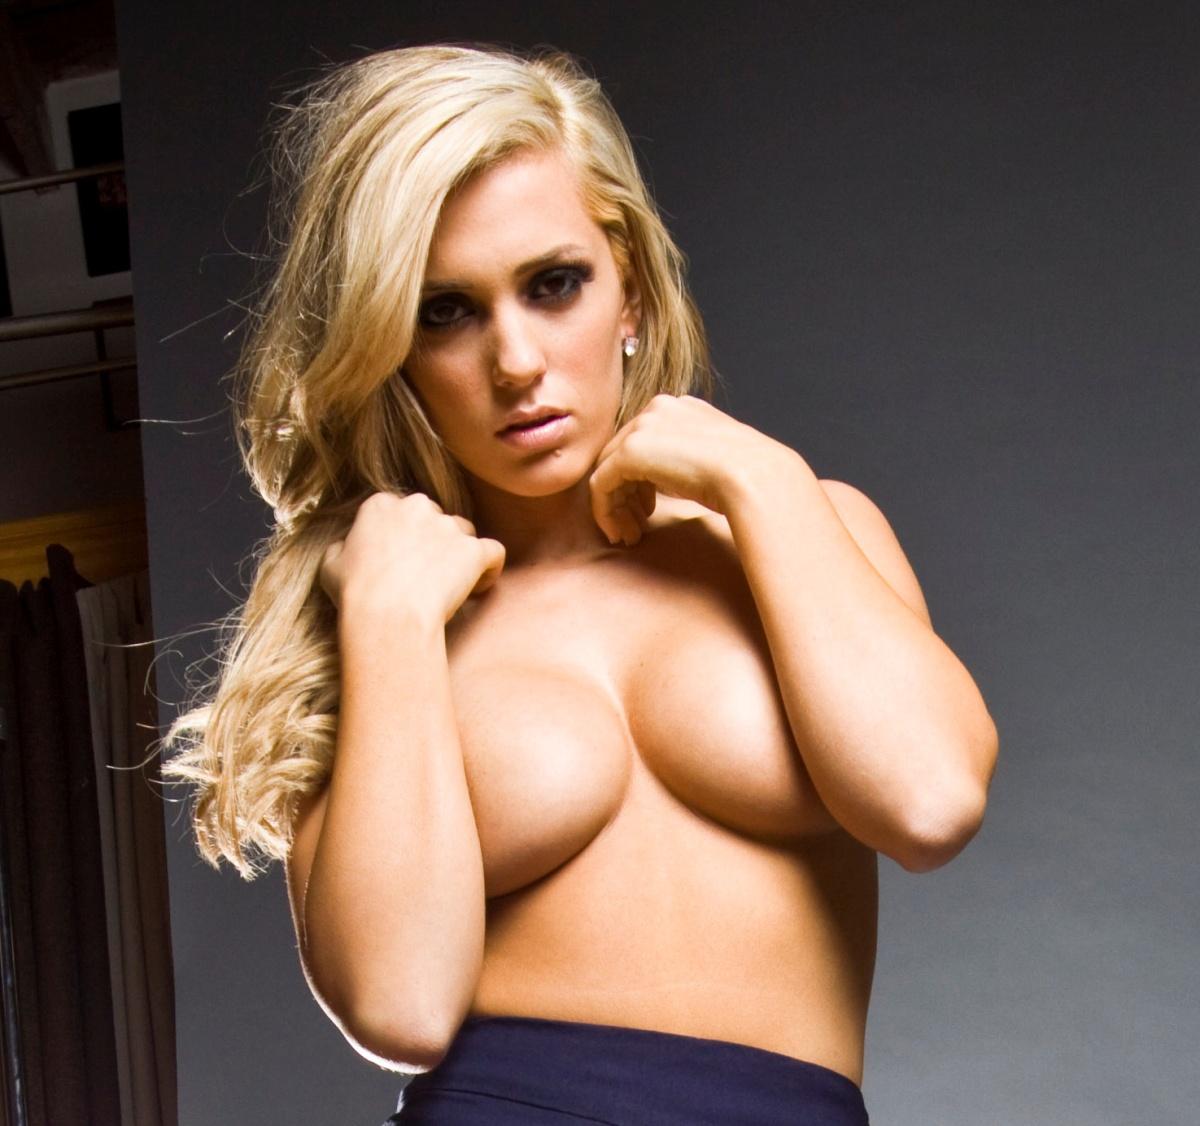 100 Photos of Amanda Roadmen Nude